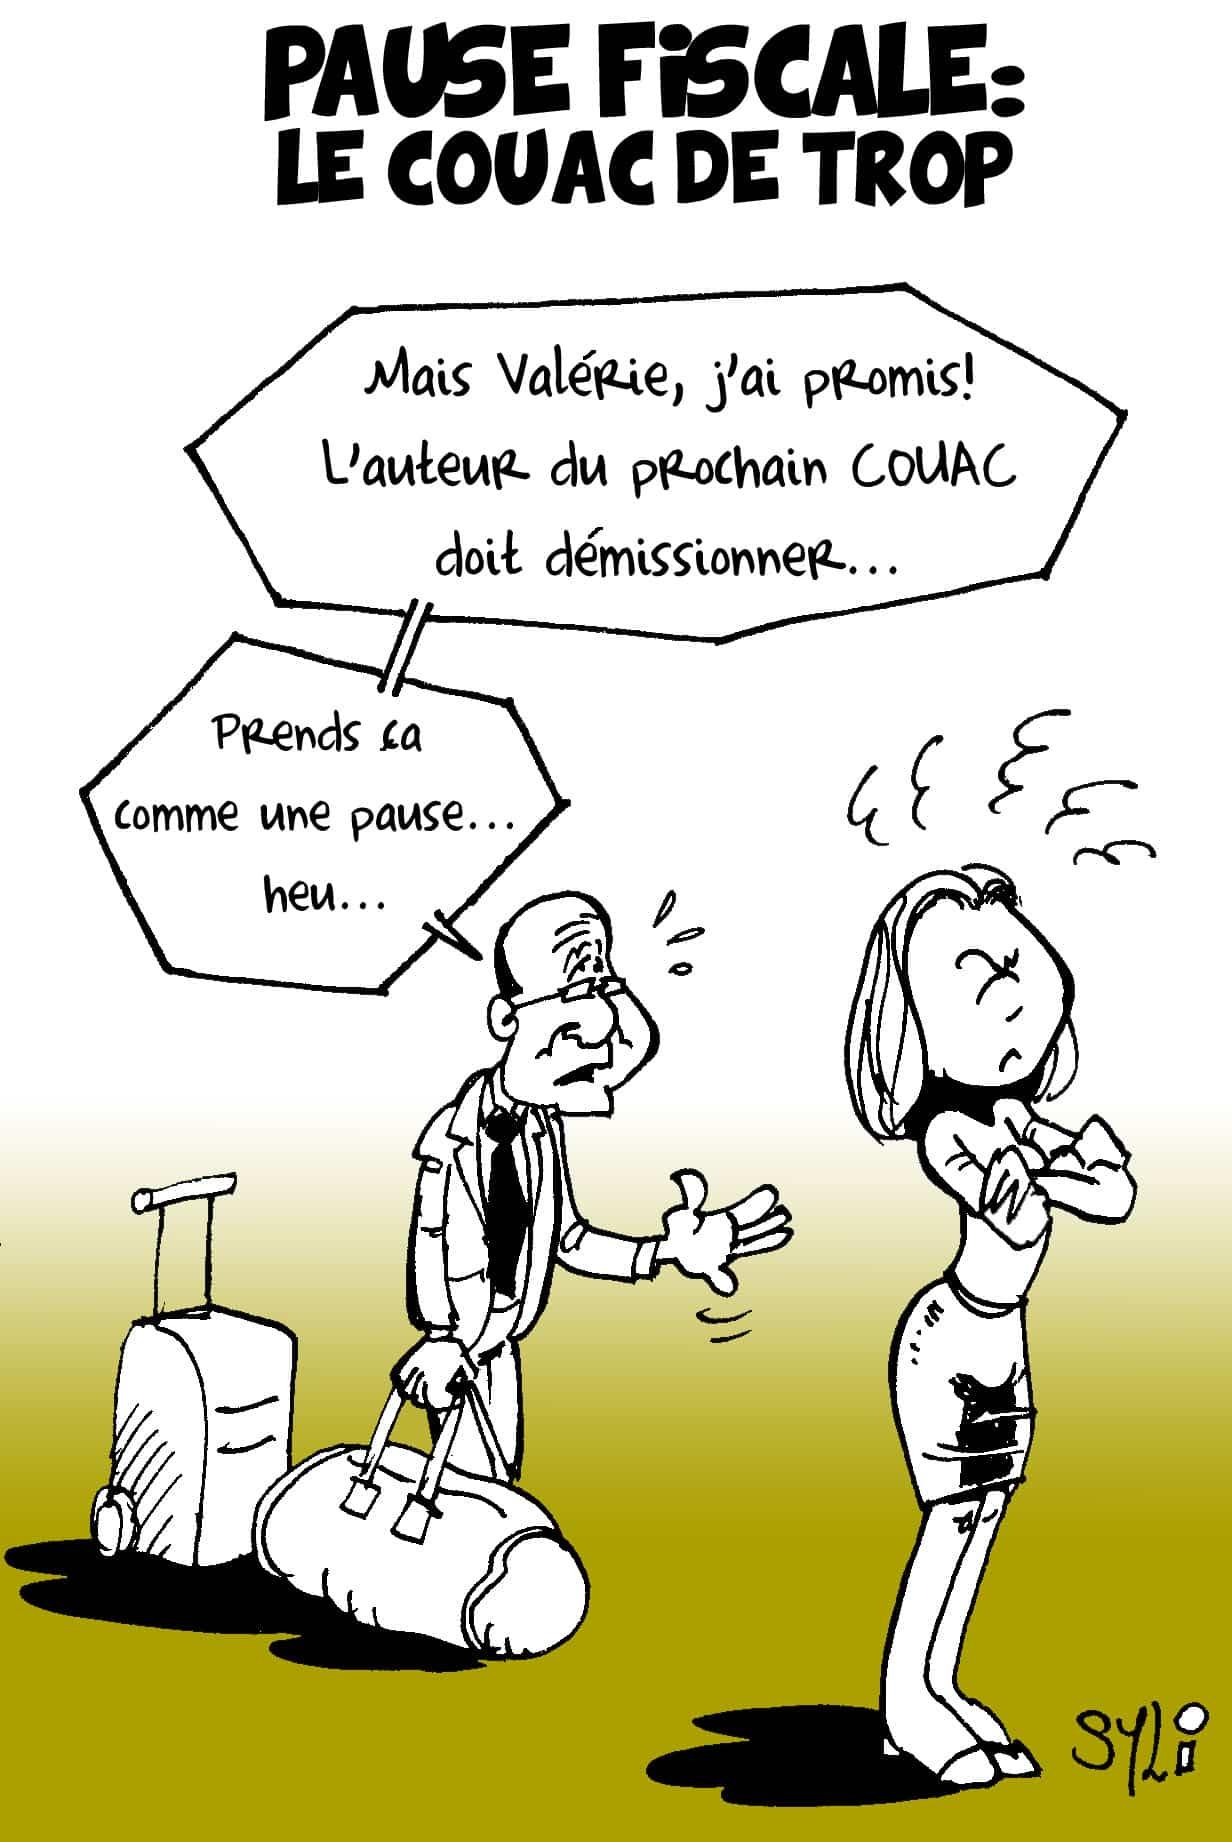 """Le """"couac"""", c'est aussi l'affaire de Sylvain Pongi"""